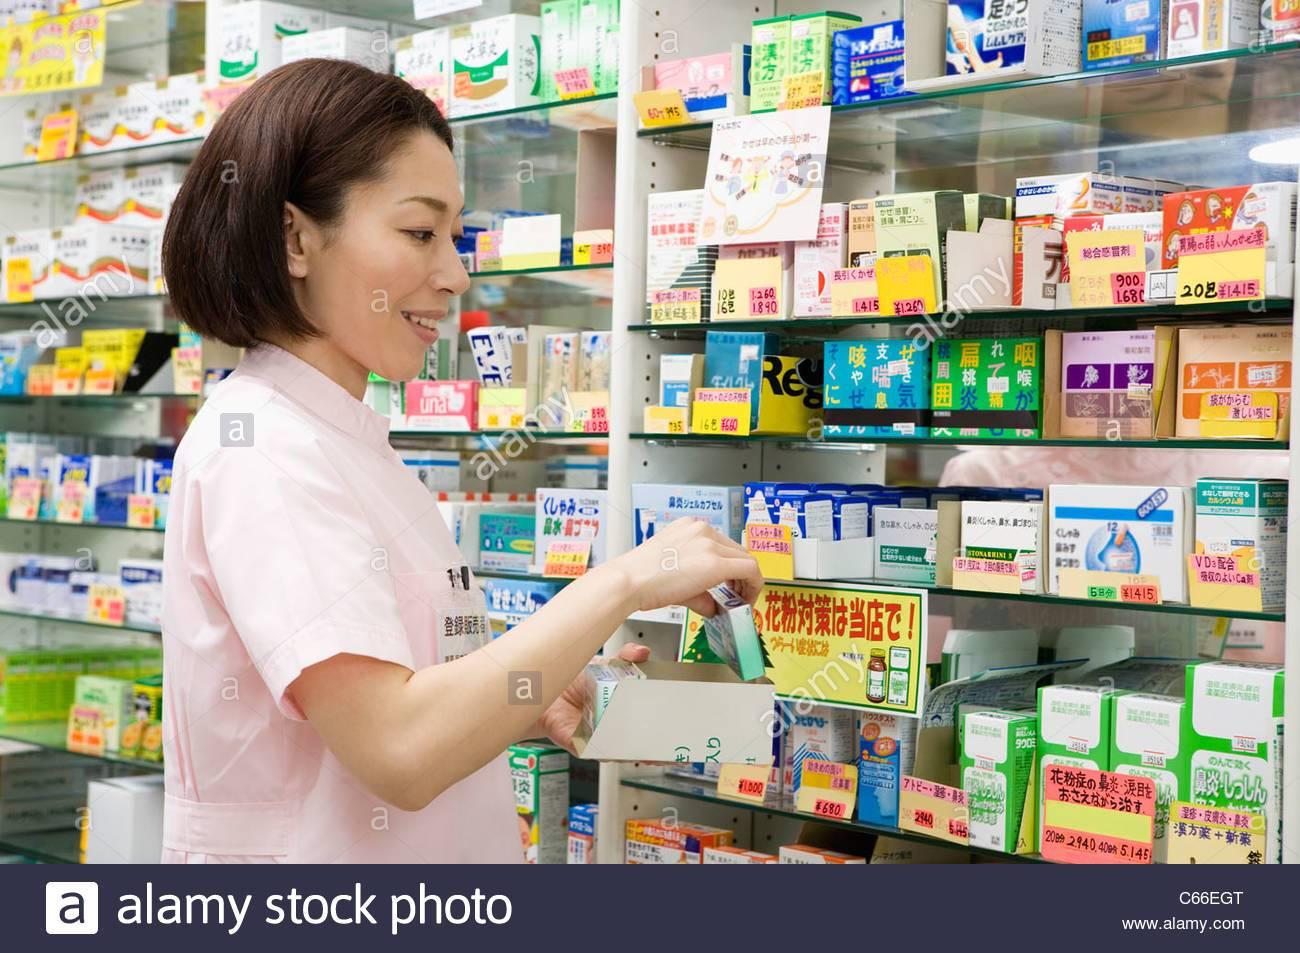 Топ-8 лучших интернет аптек — рейтинг 2021 года